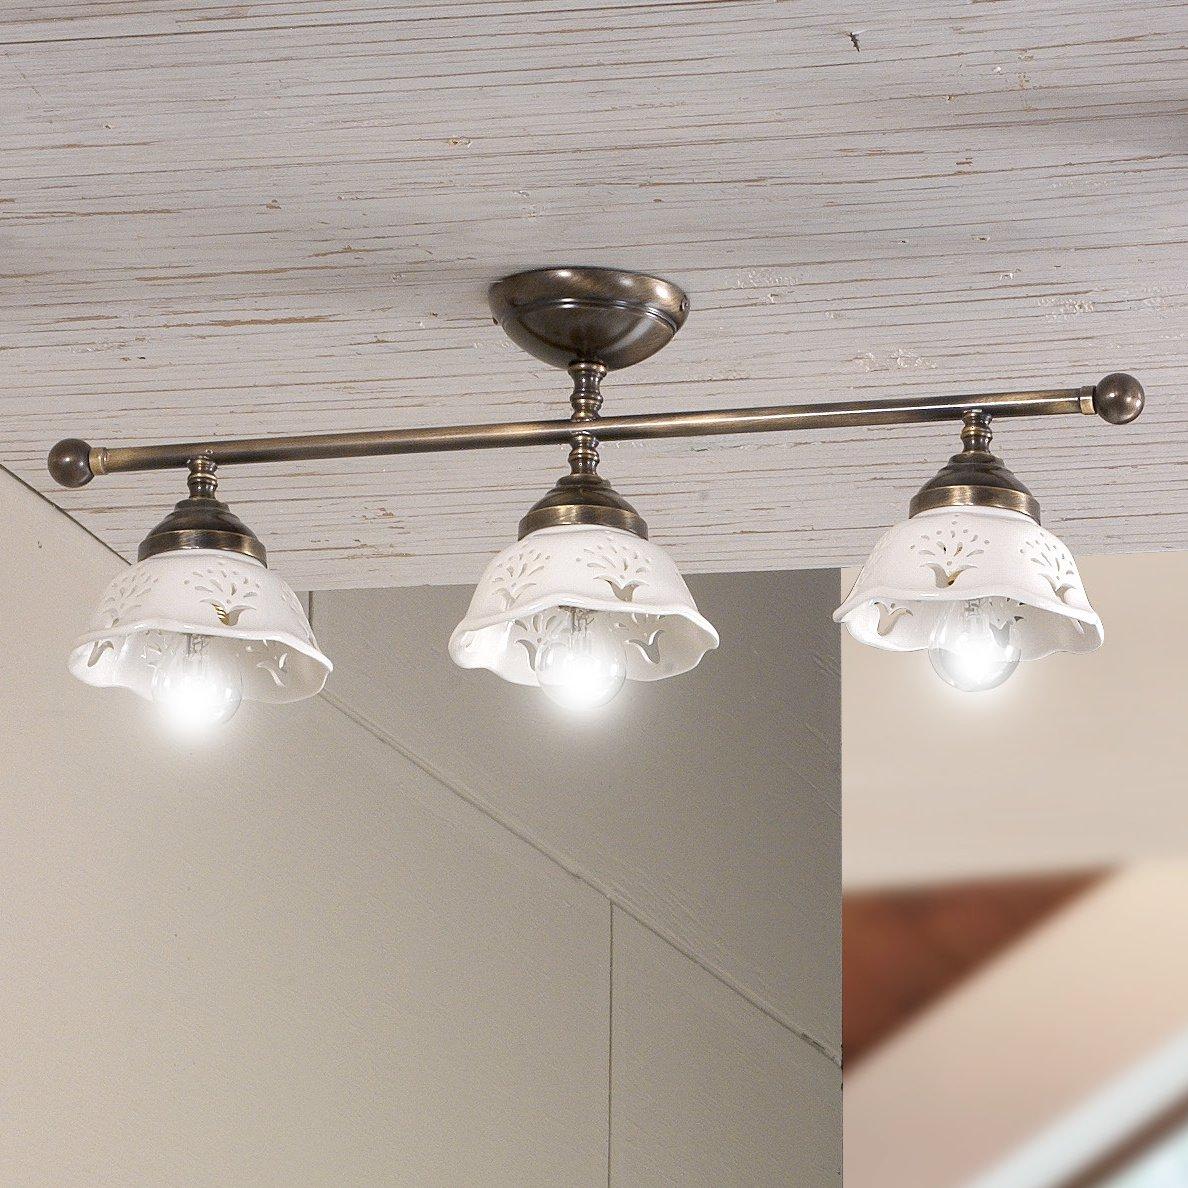 Zwei und dreiflammige Deckenlampe im Landhausstil